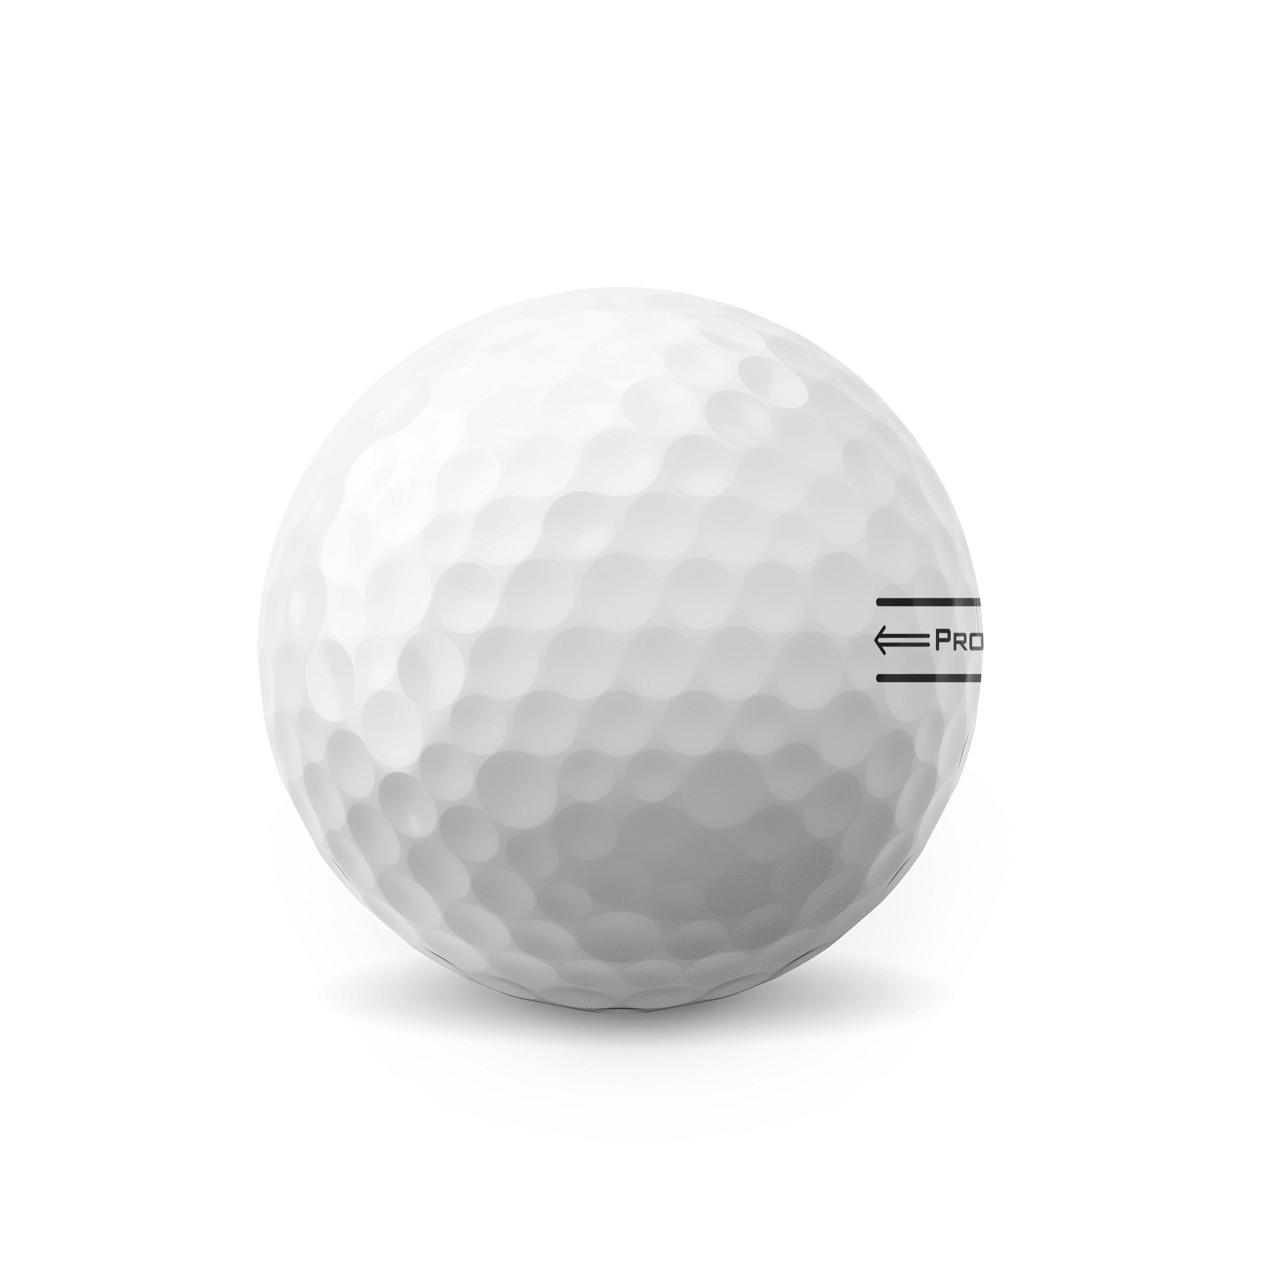 Titleist Personalized Pro V1x Dozen Golf Balls 2021 - Aim Alignment